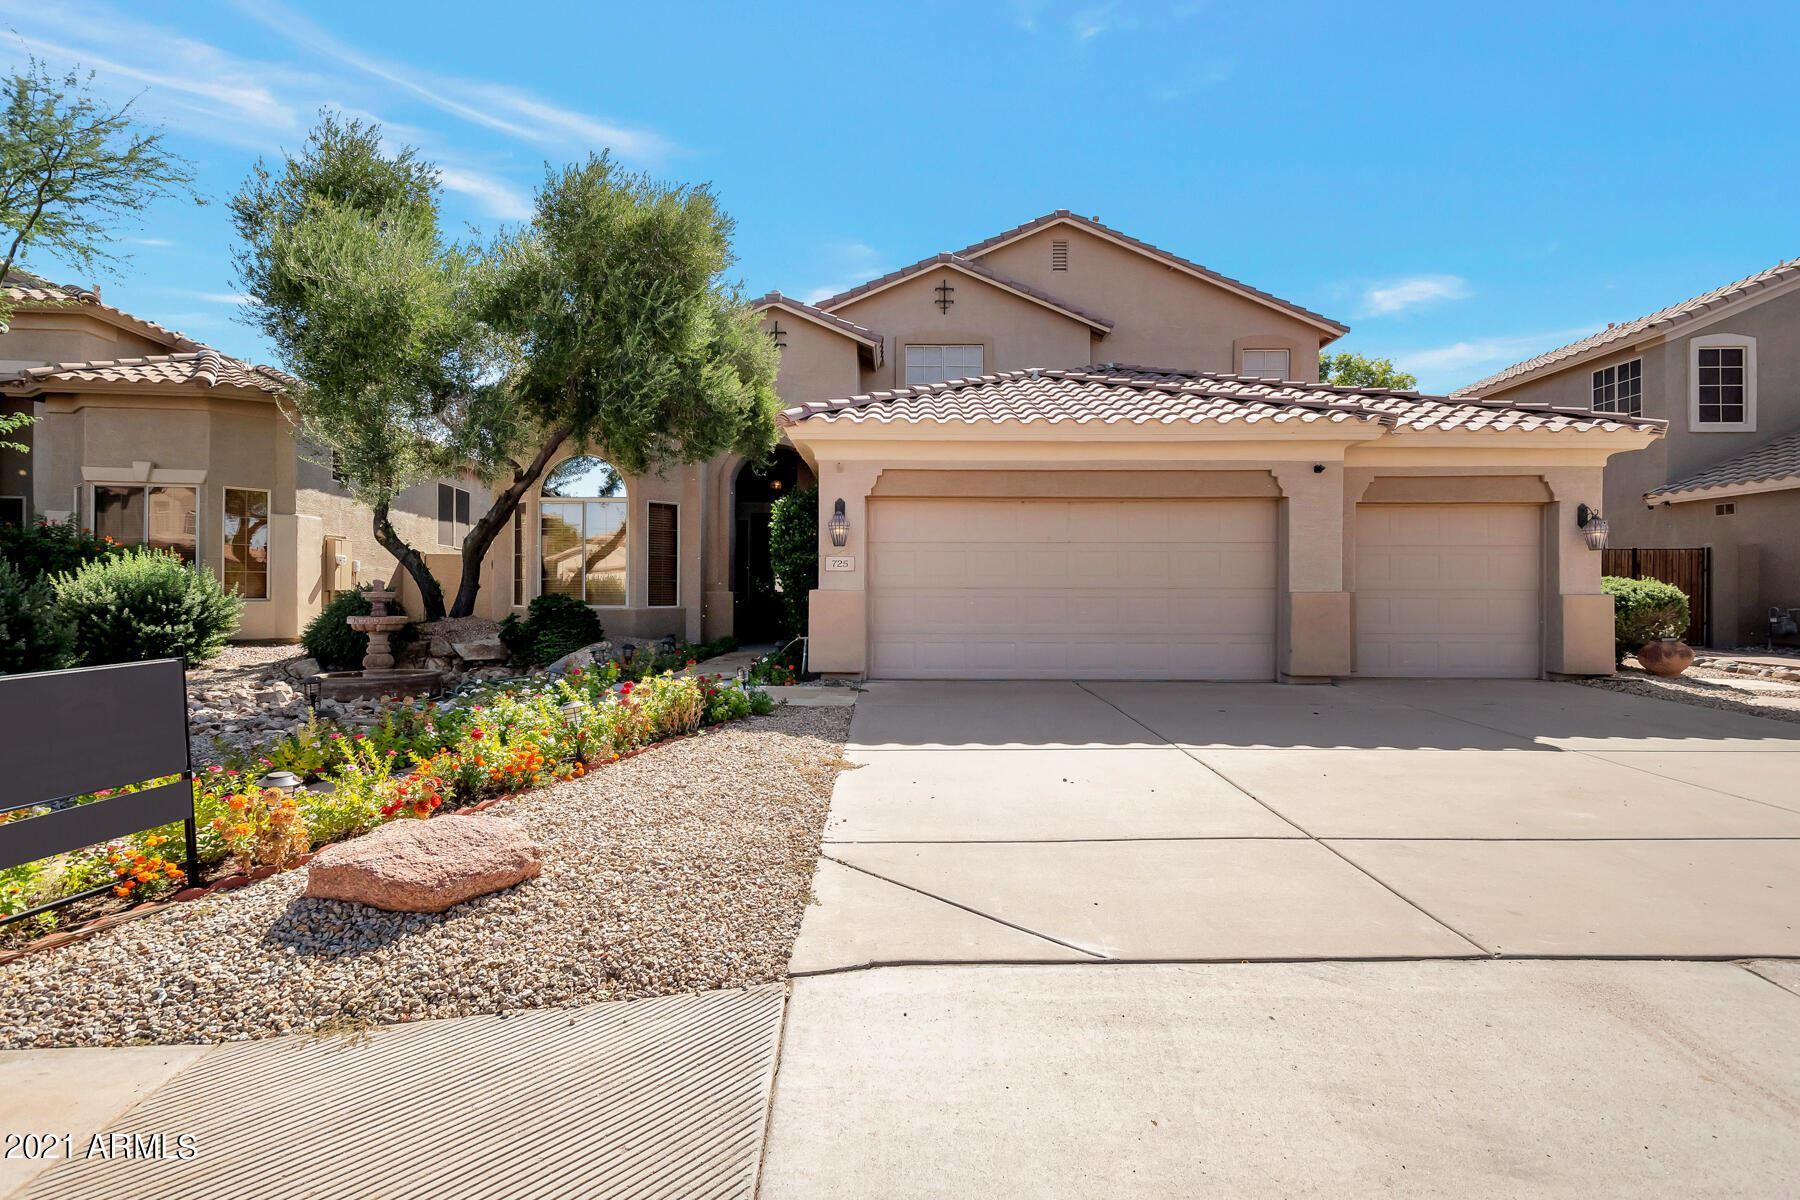 Photo of 725 W HEMLOCK Way, Chandler, AZ 85248 (MLS # 6310982)